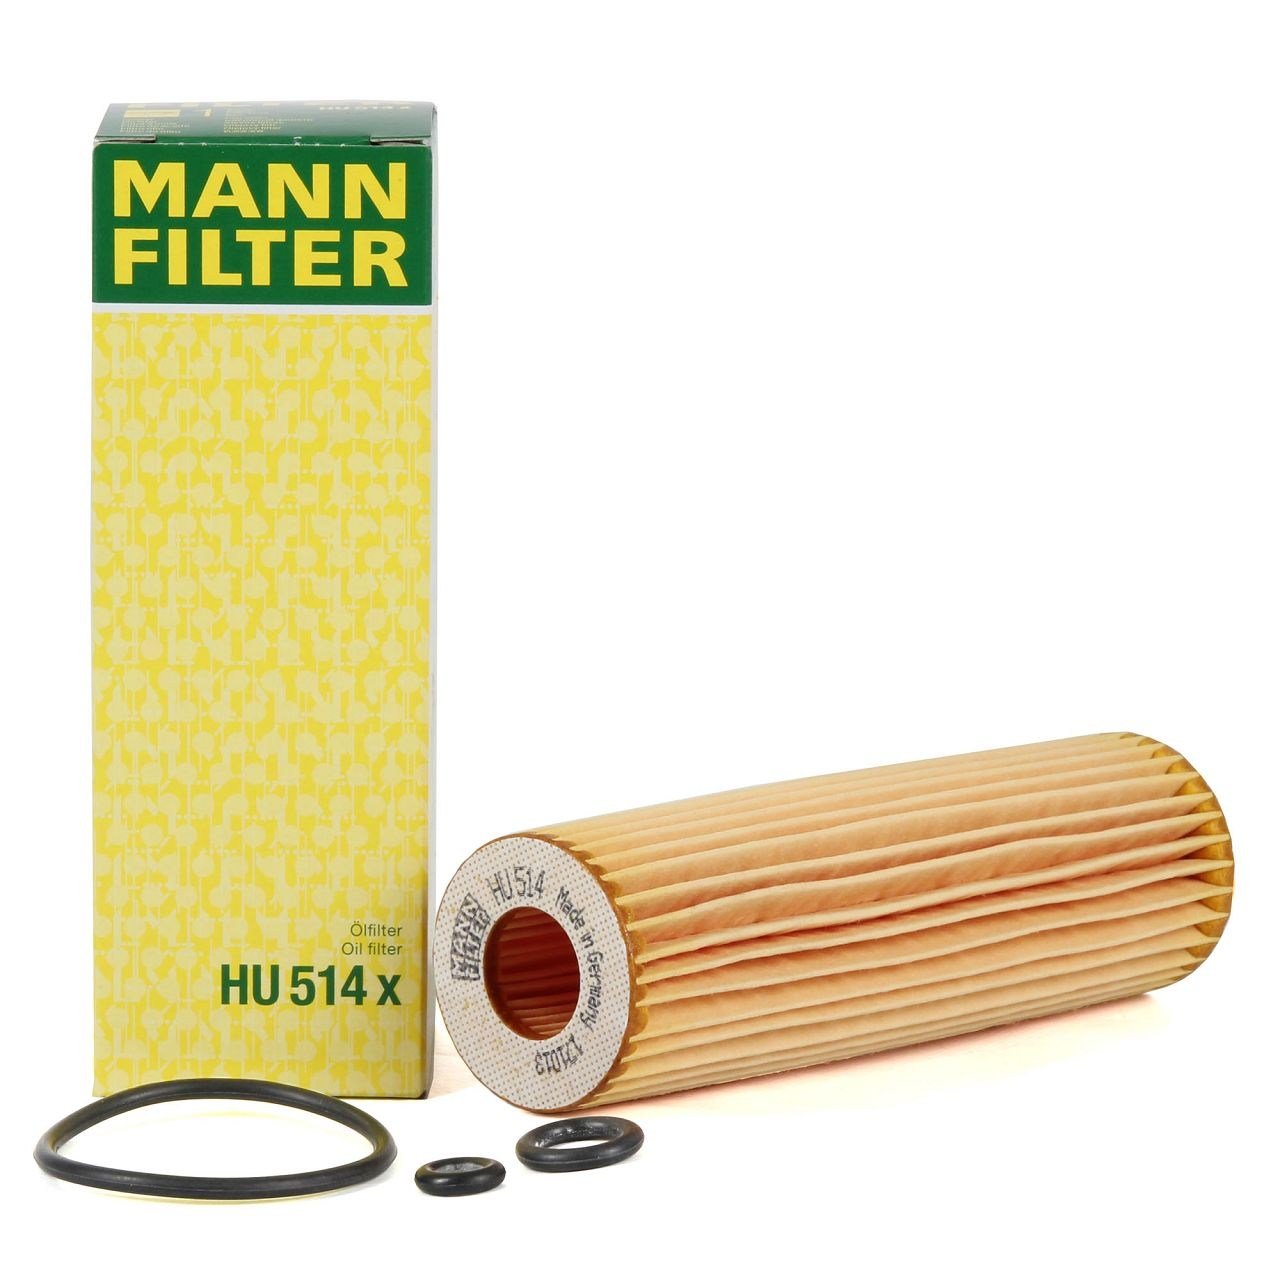 MANN HU514x Ölfilter MERCEDES W203 W204 C209 A209 W211 W212 R172 Sprinter (906)